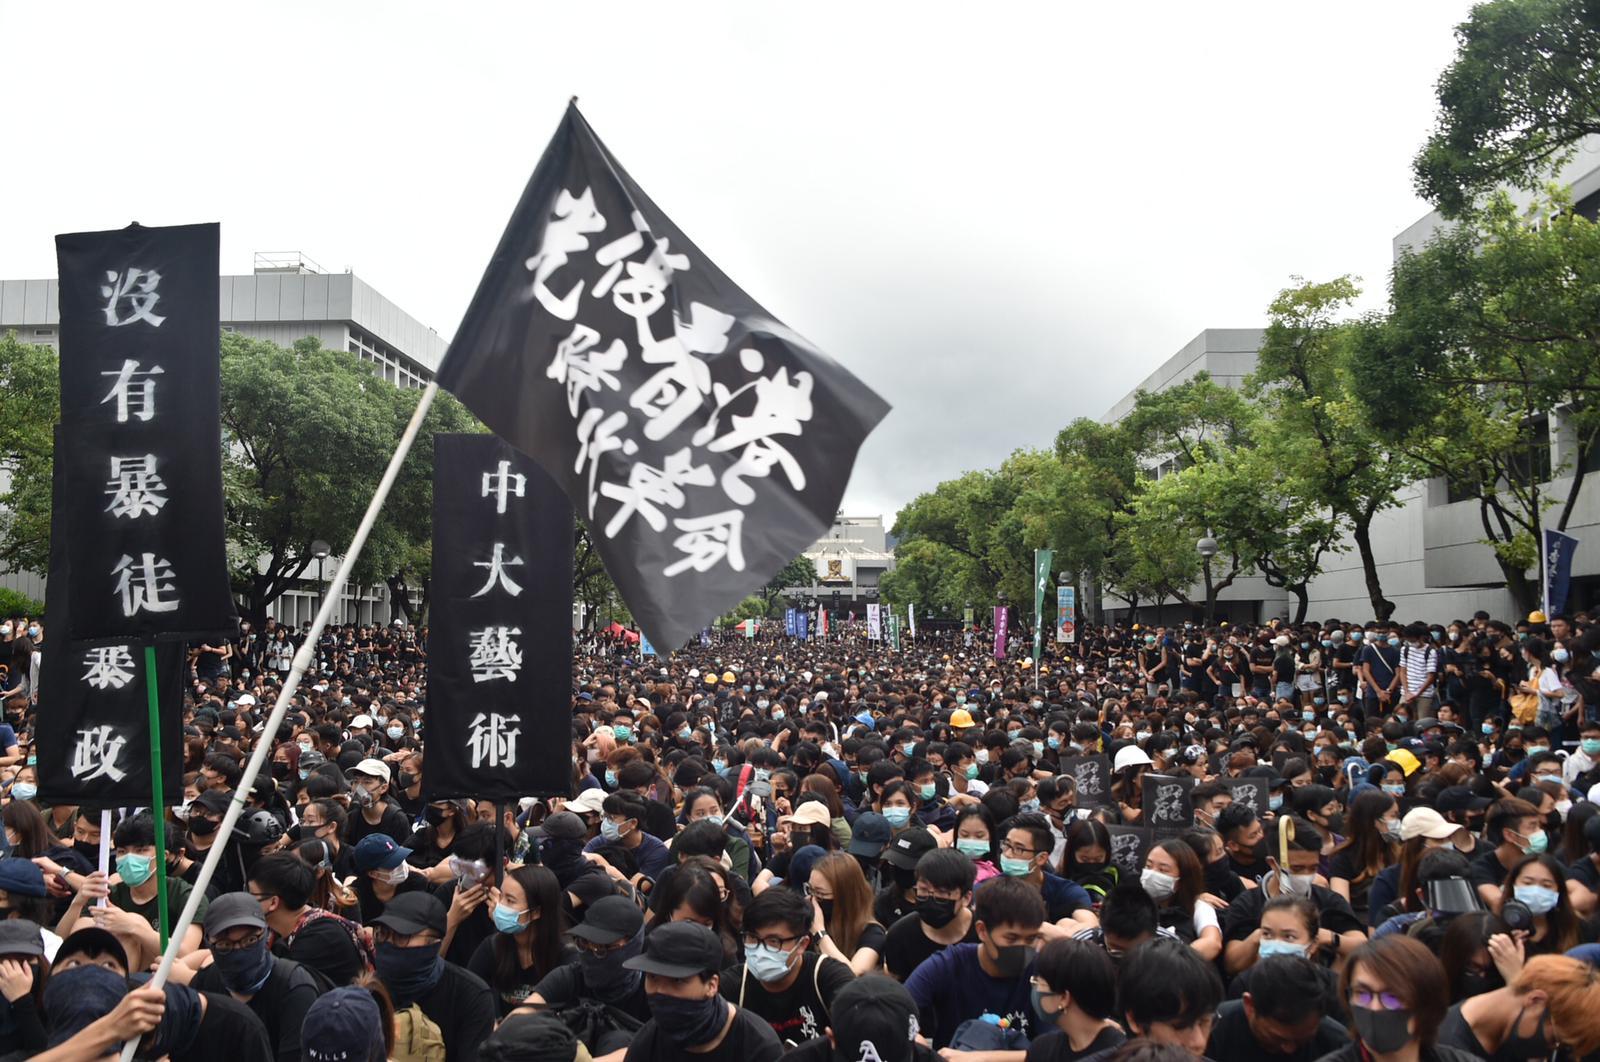 中大學生會估計約3萬人出席百萬大道集會。